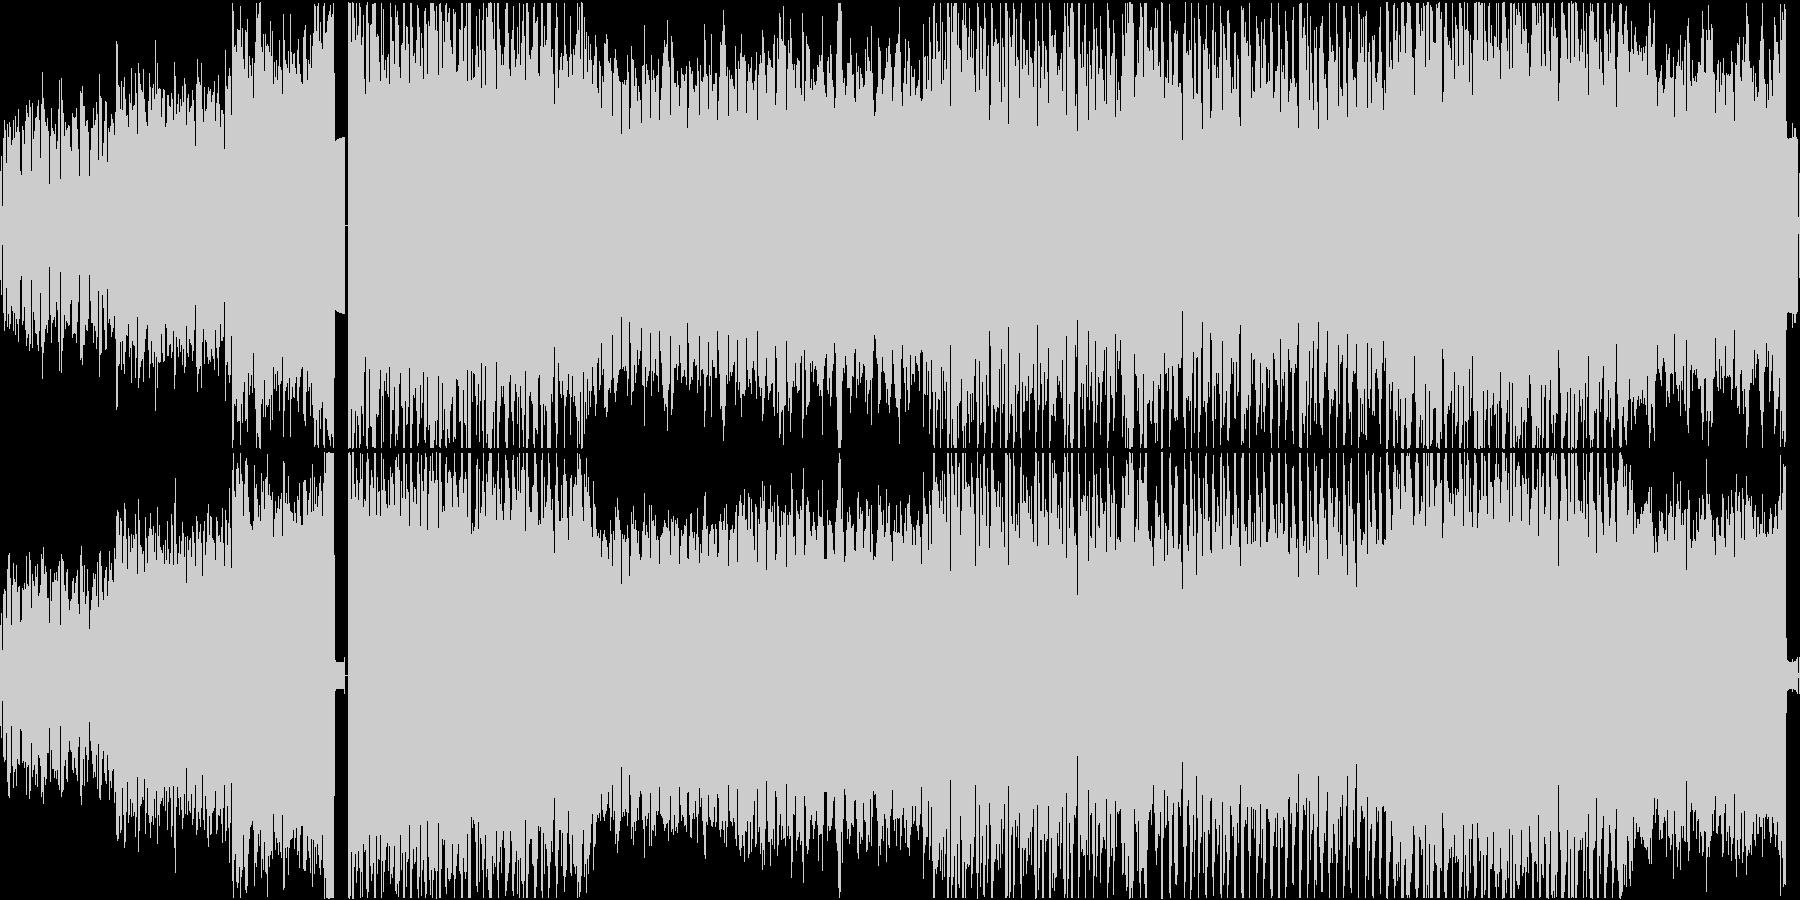 【ループ】アンビエント/電子音・浮遊感の未再生の波形